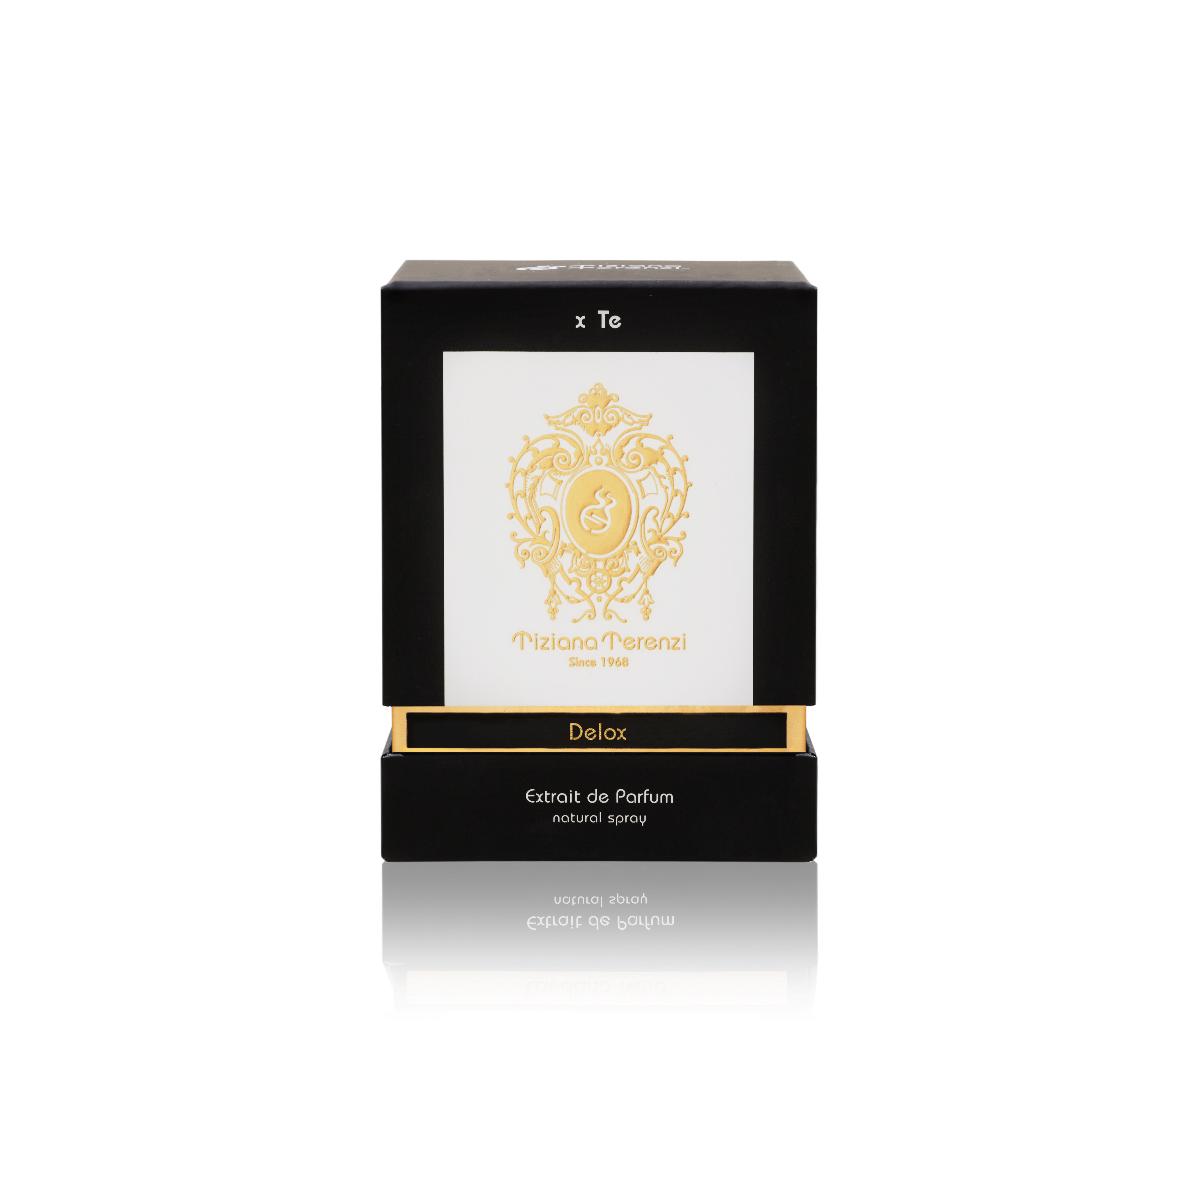 Tiziana Terenzi – Delox – Extrait de Parfum 100 ml